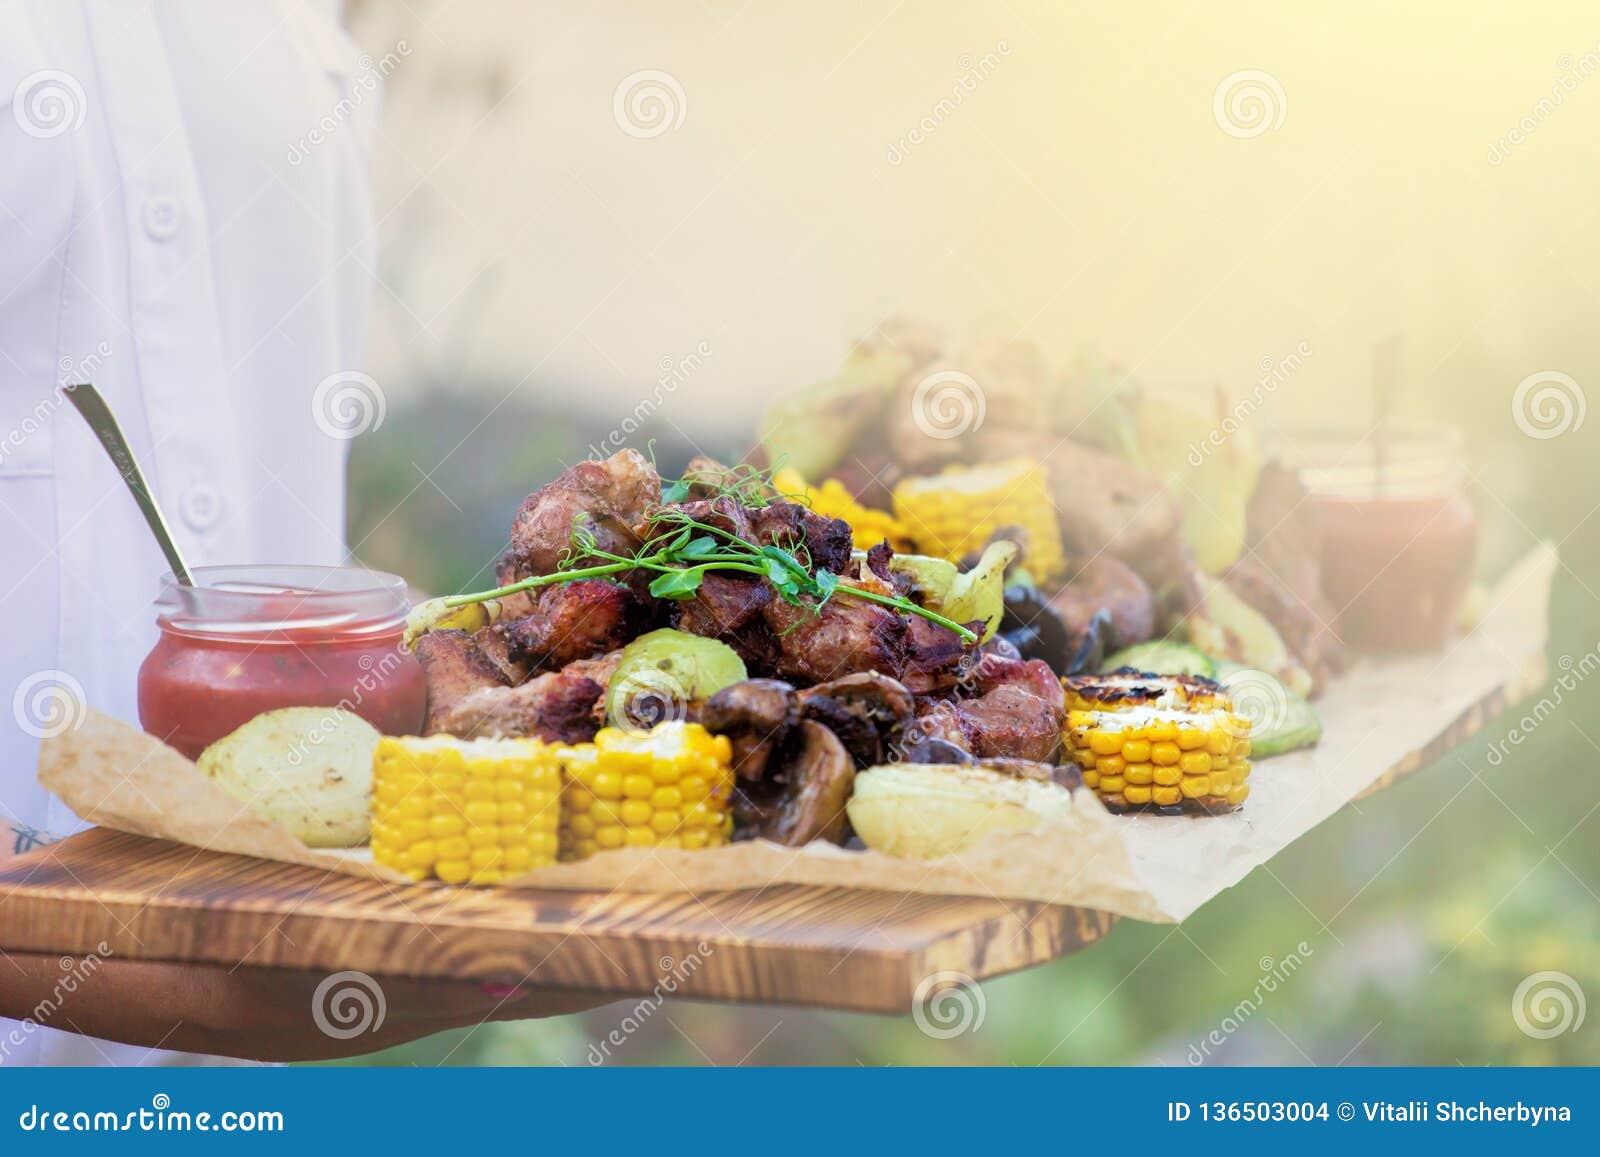 Kelner oferuje piec na grillu warzywa i mięso przy słonecznym dniem